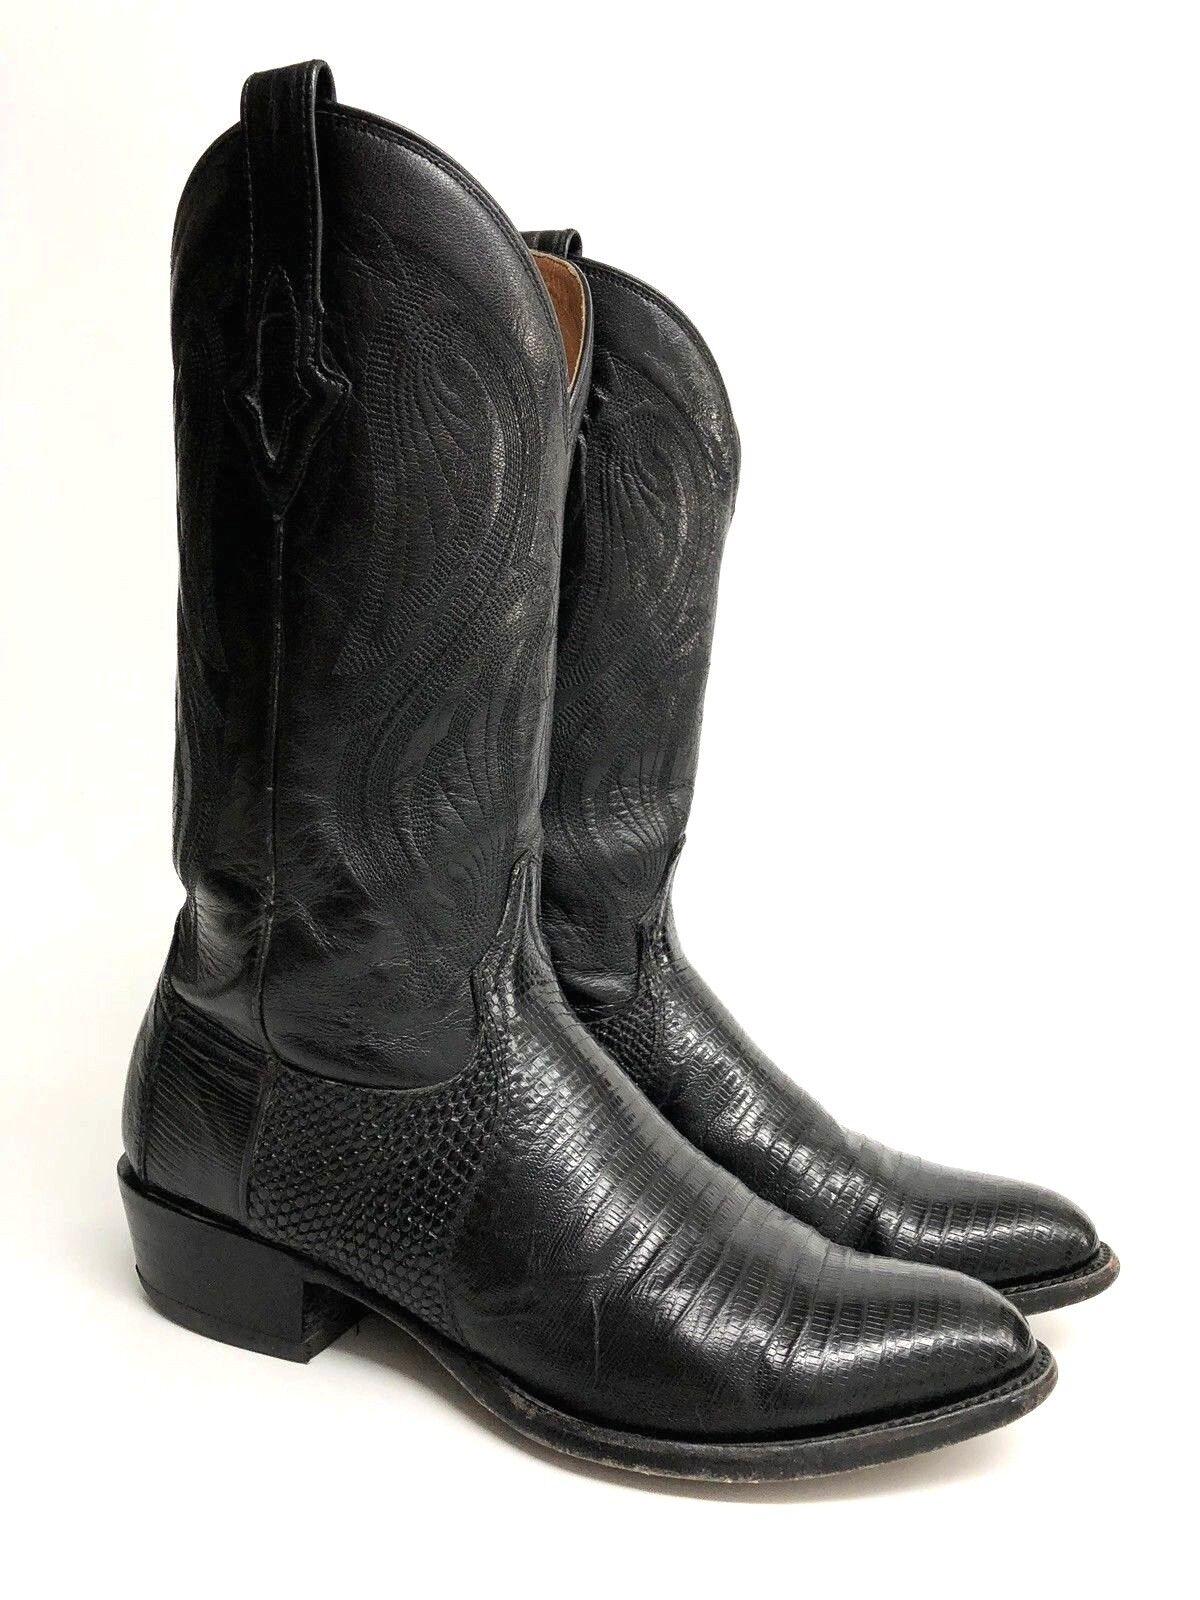 Resistol para hombres D Lagarto Negro y occidental de cuero botas de Vaquero M3021R